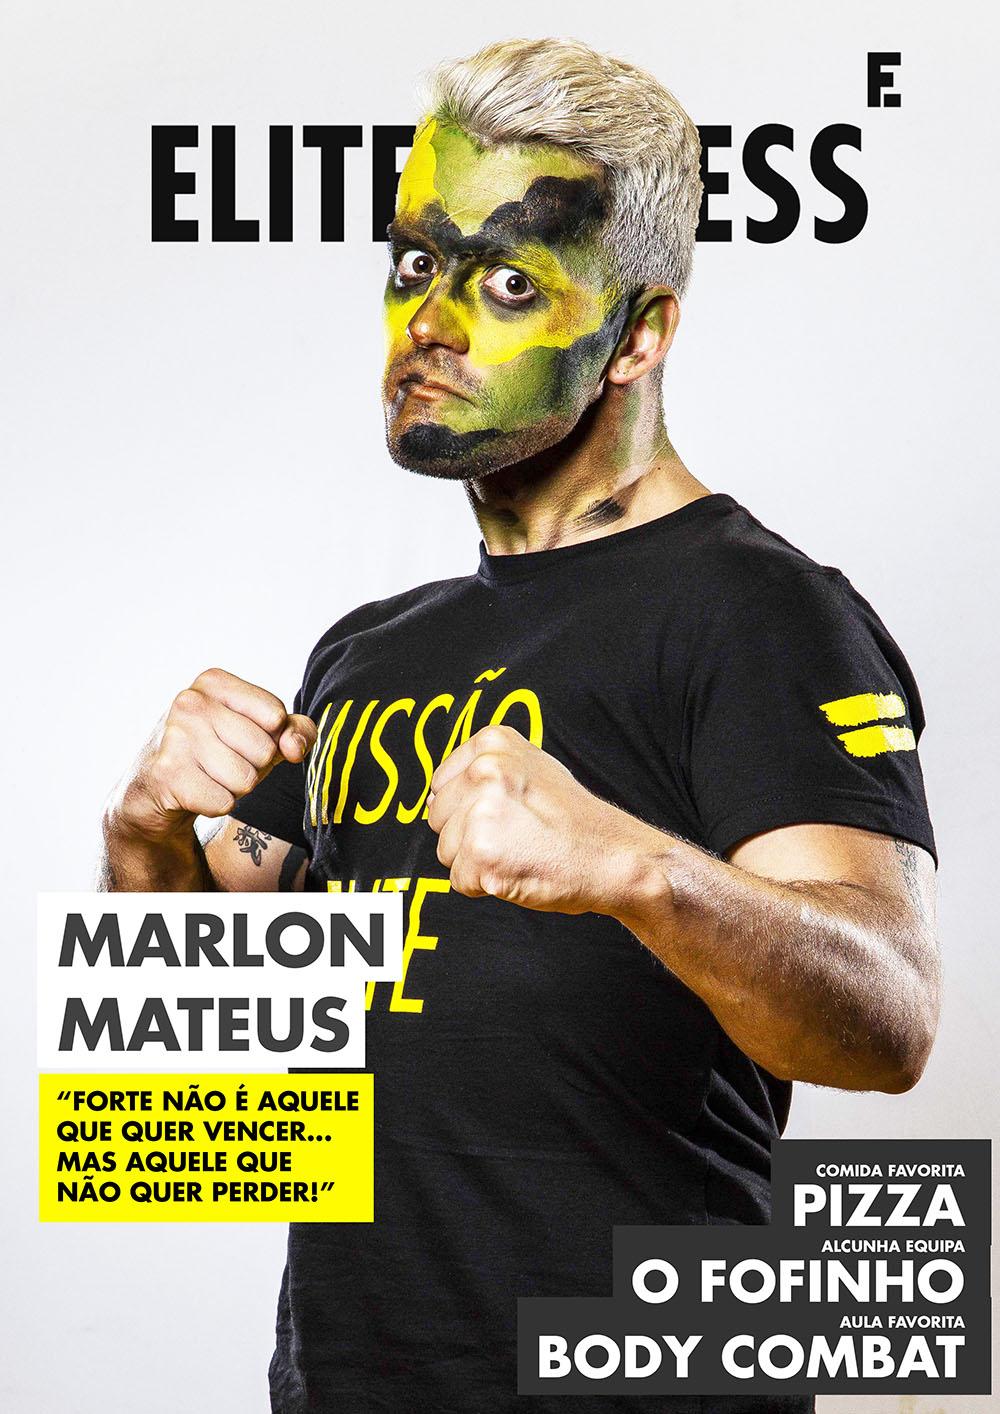 marlon mateus